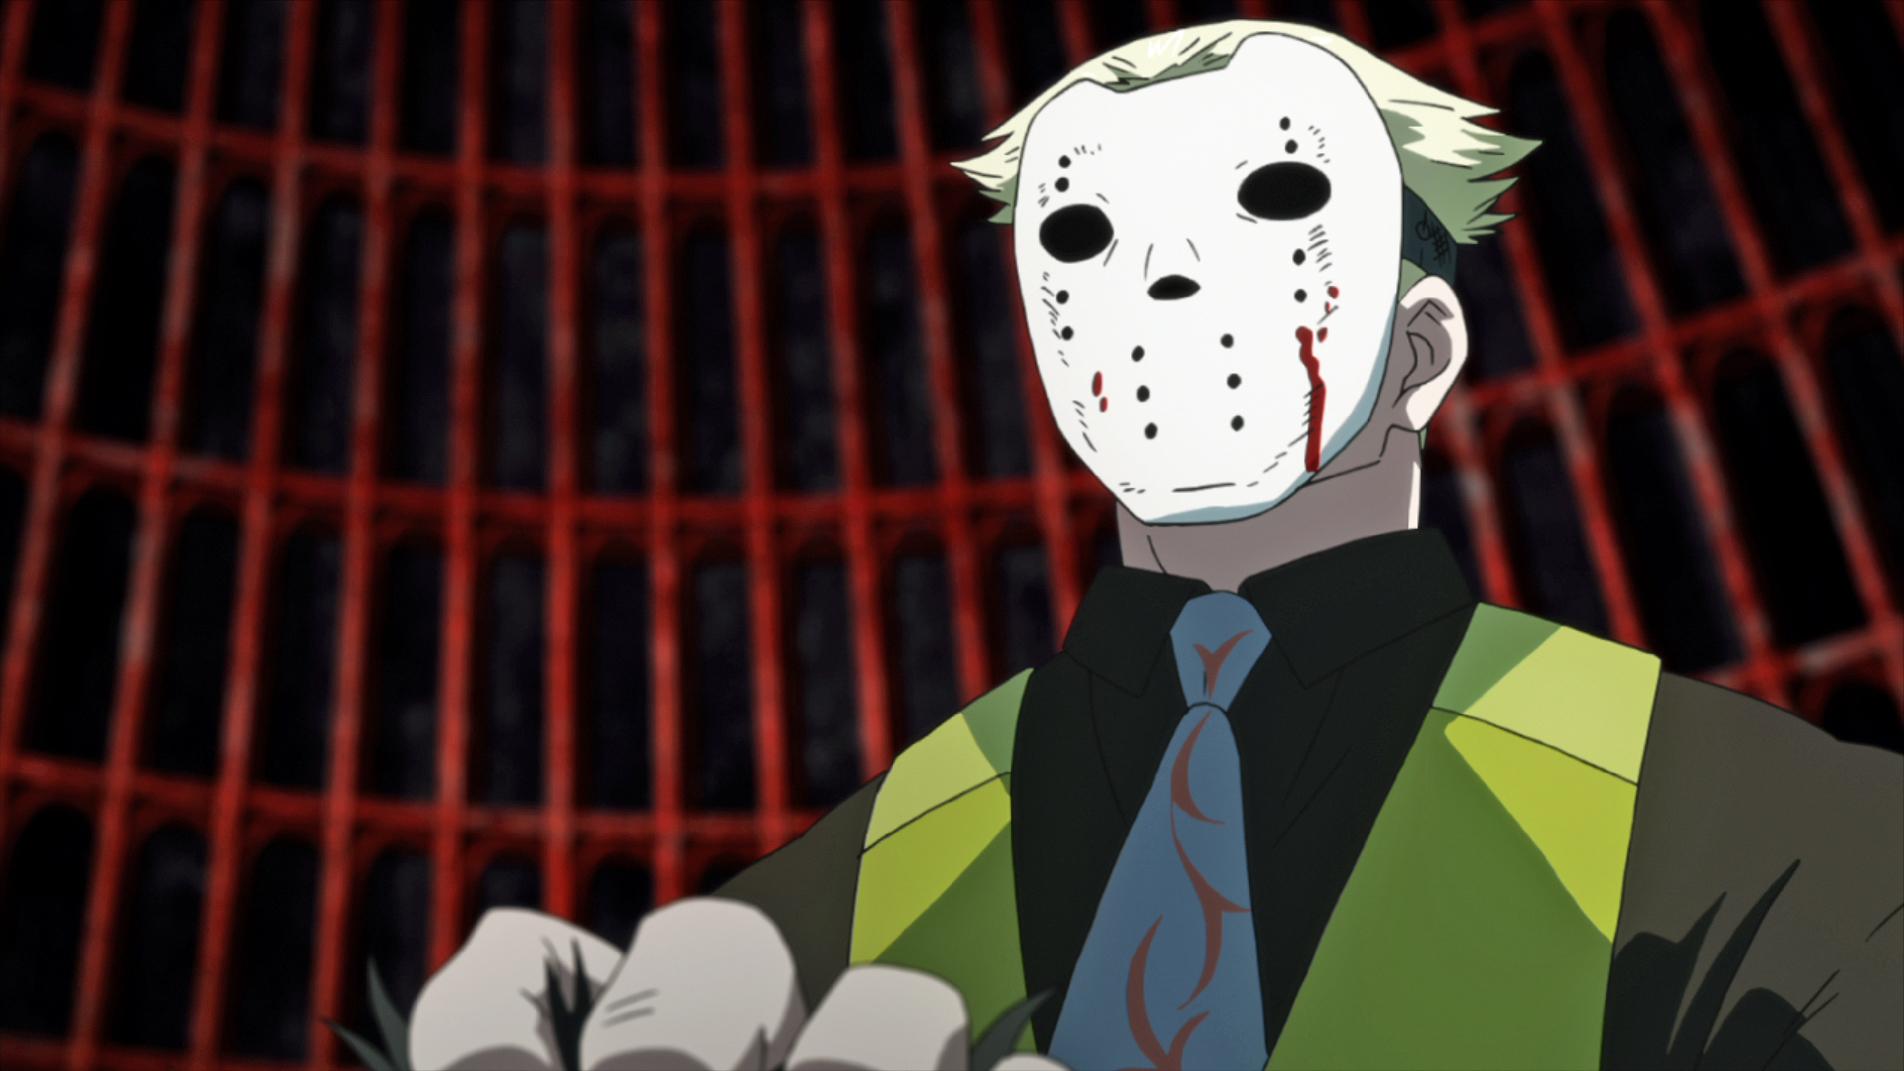 Tokyo ghoul season 1 episode 12 english sub